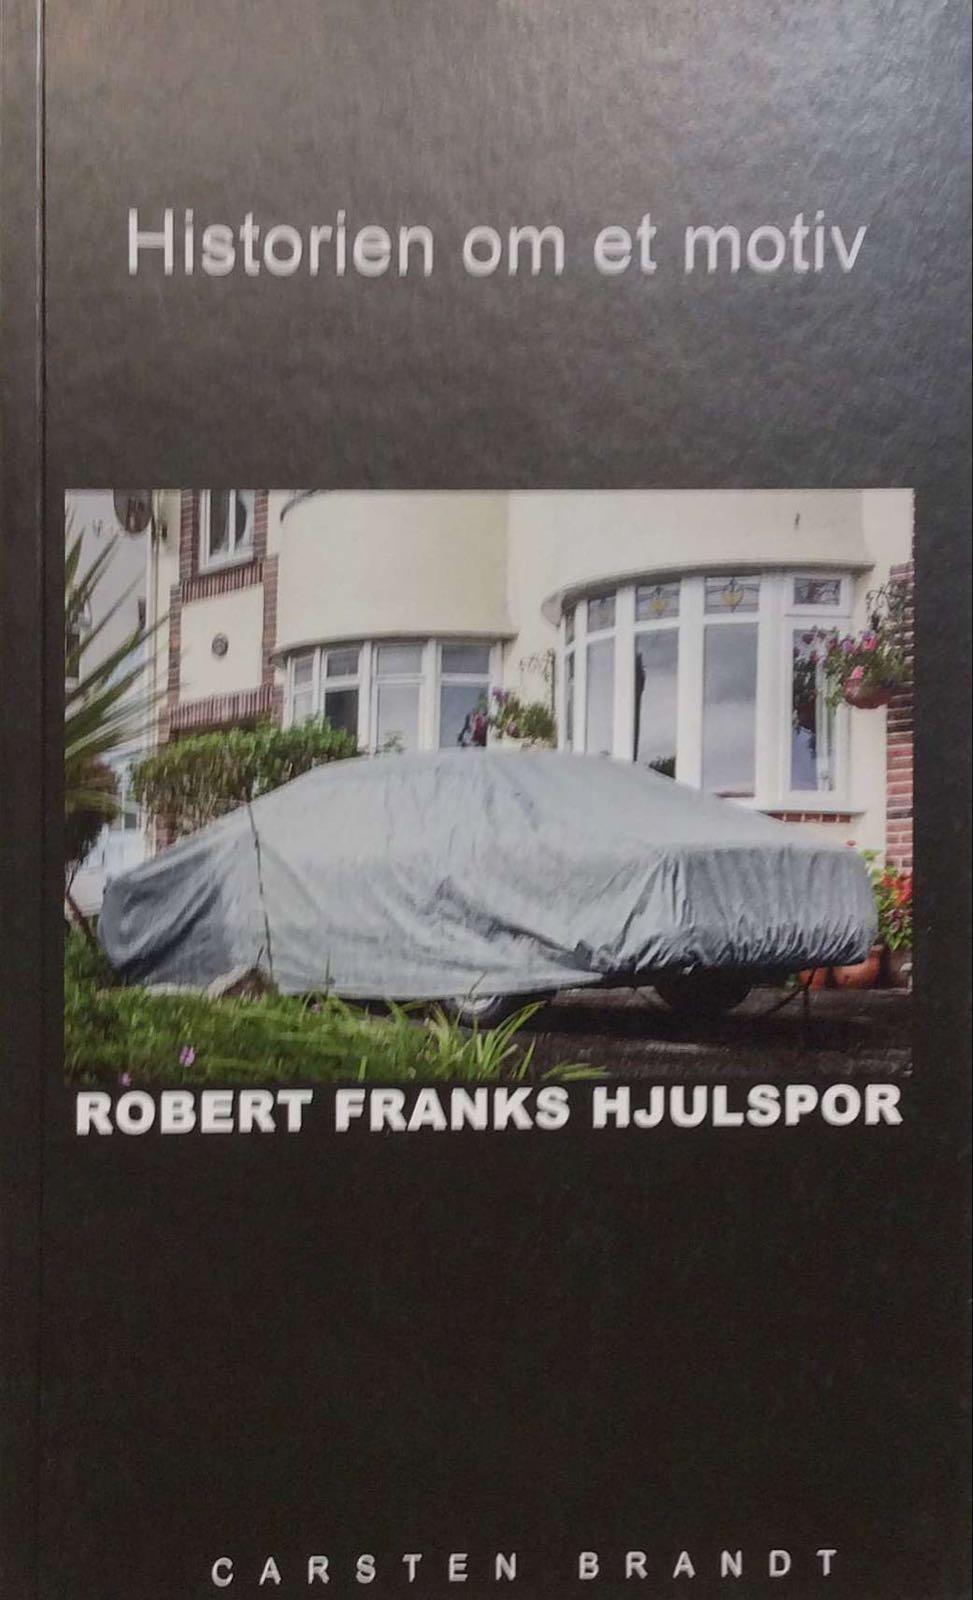 Frank, Robert. Historien om et motiv